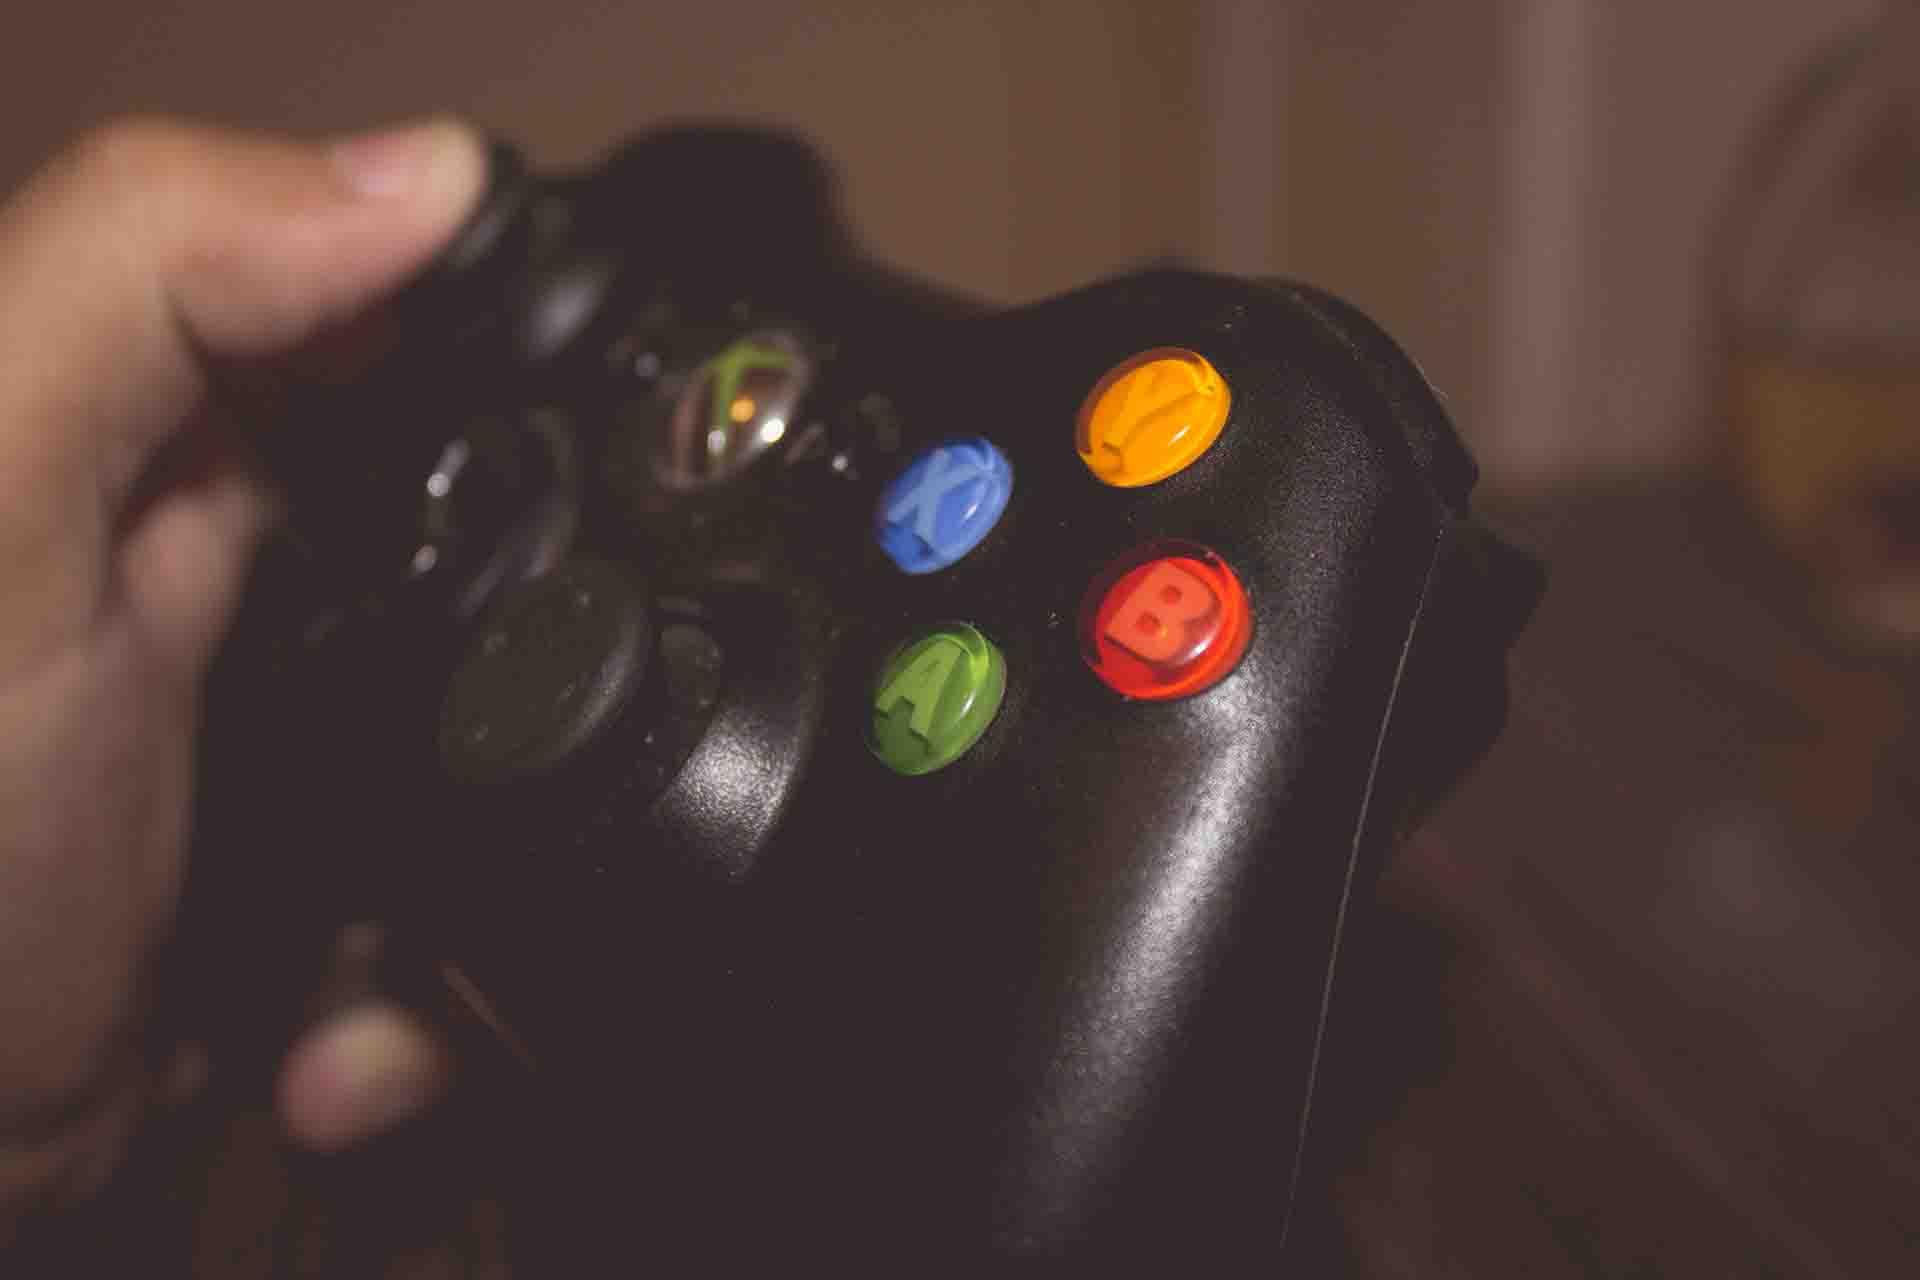 ゲームプログラマーとは何か?仕事内容・年収・将来性など徹底解説